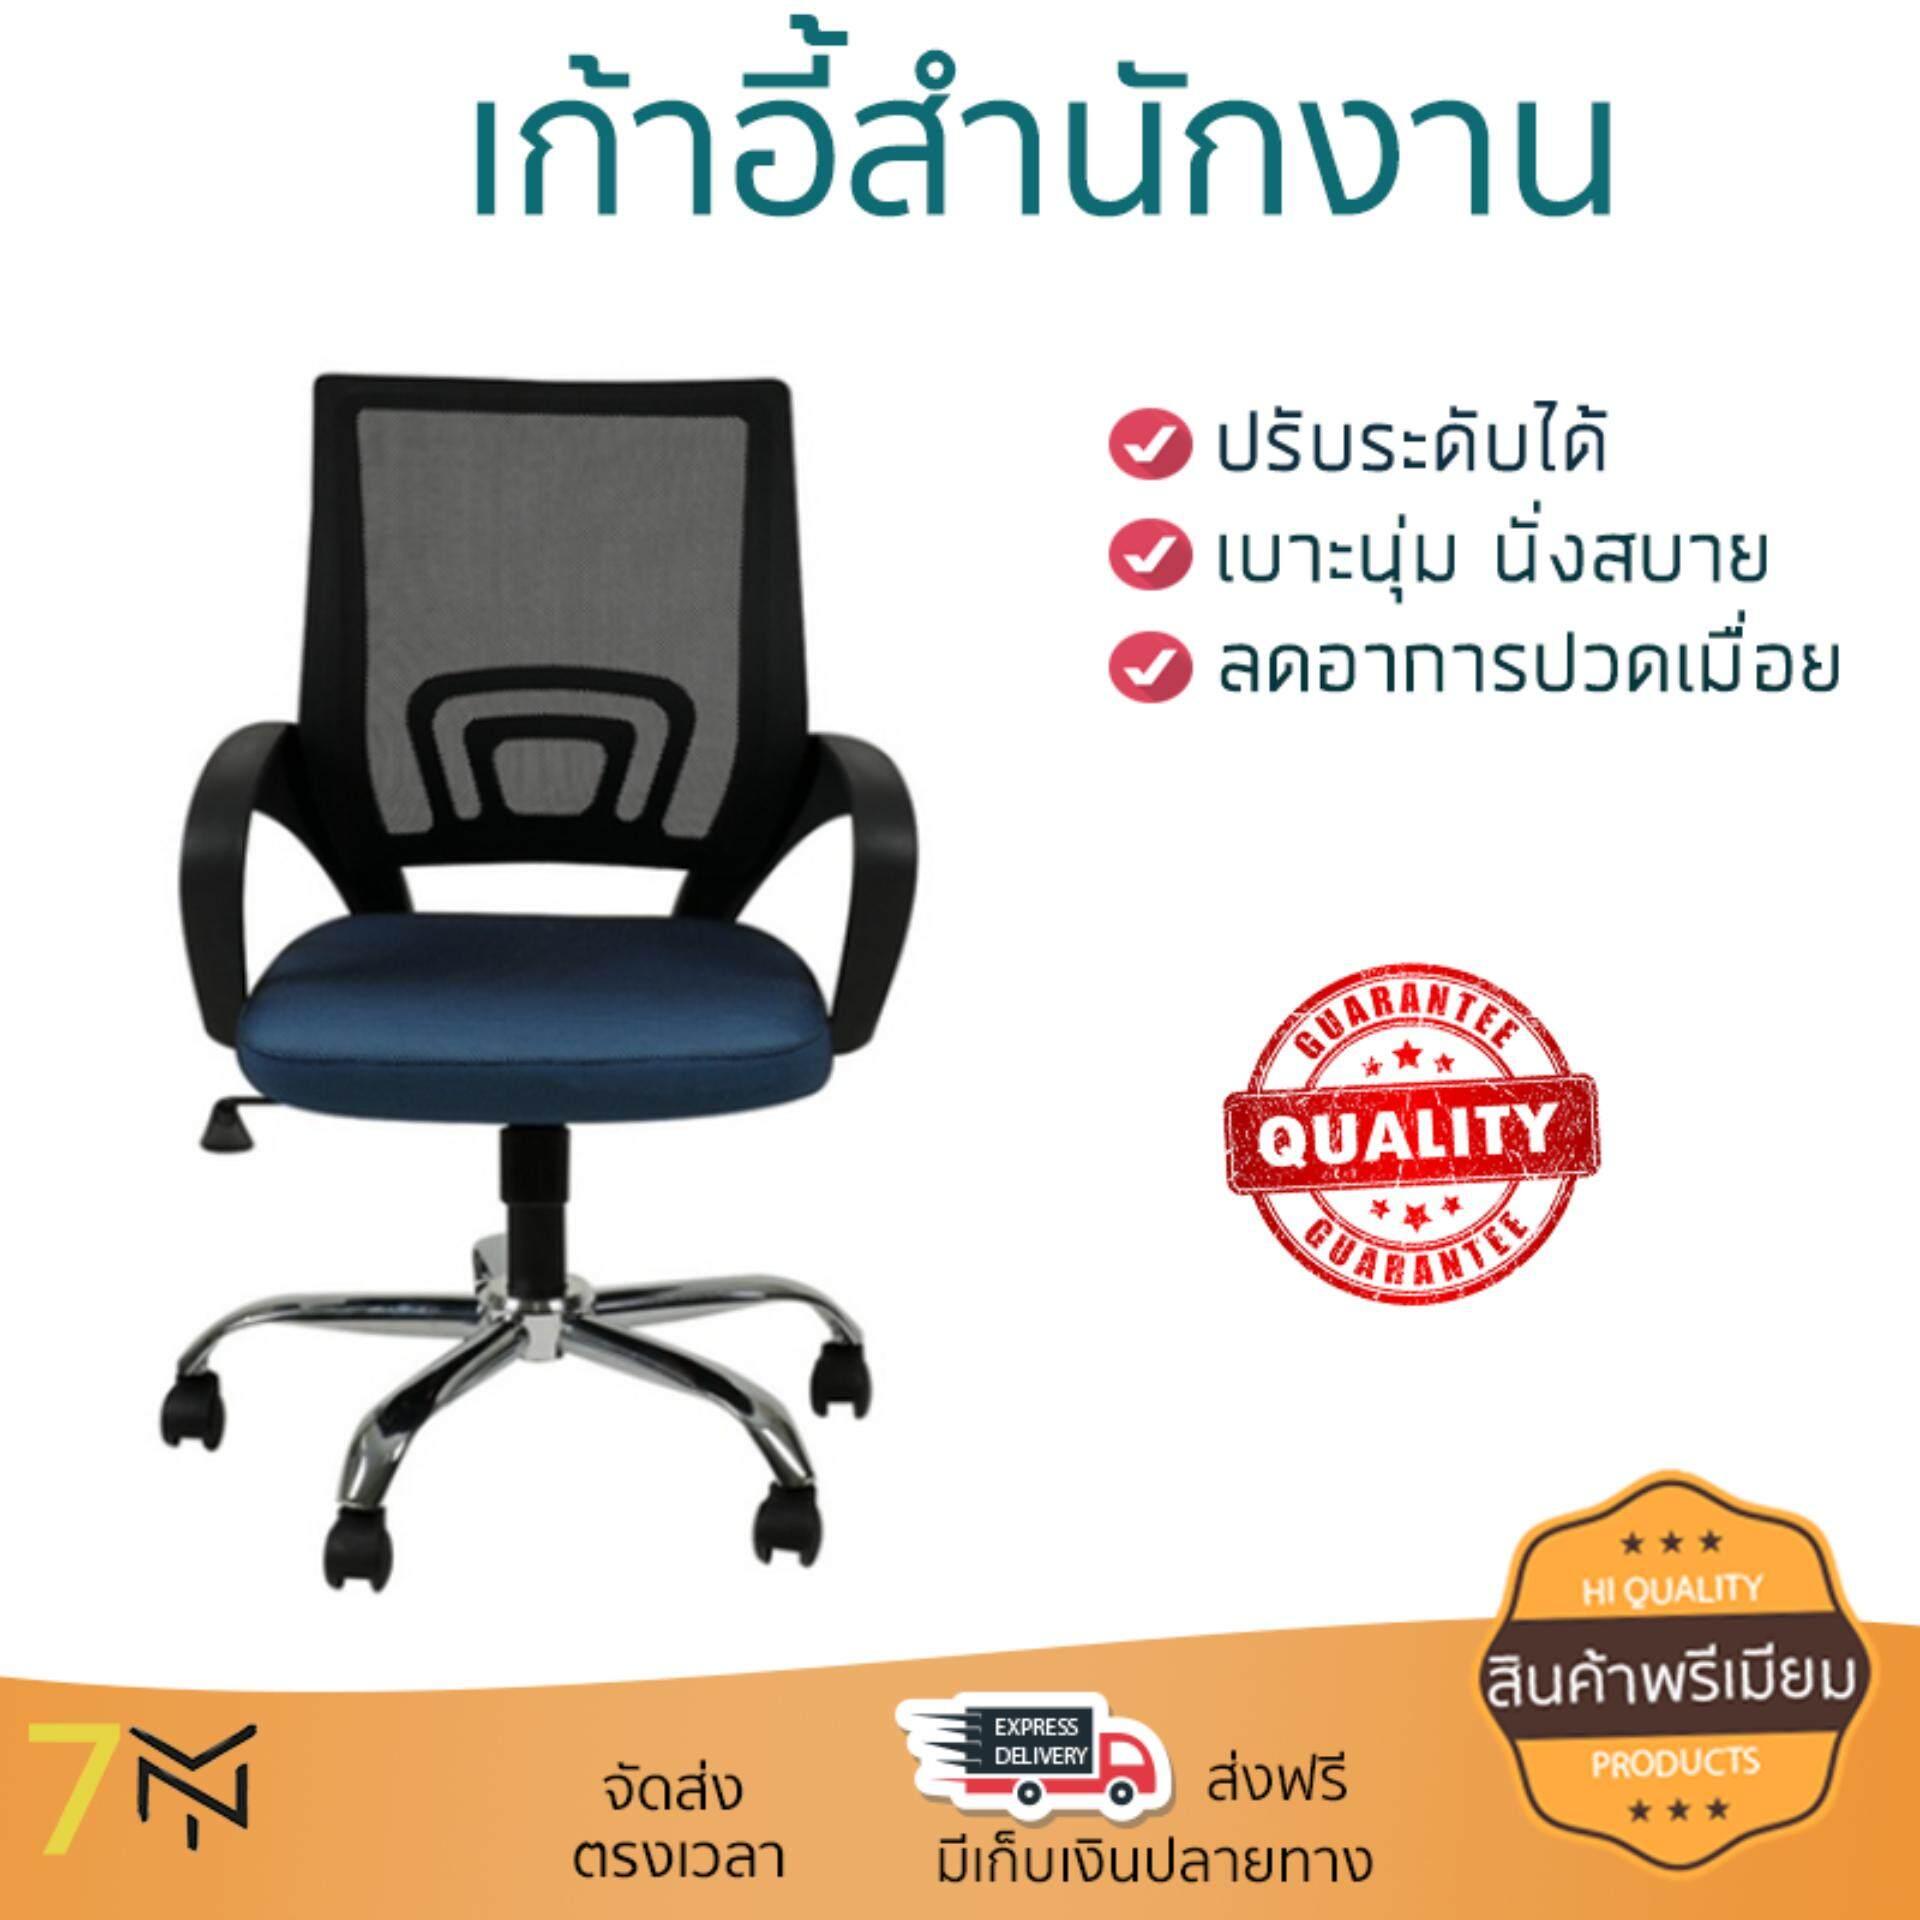 เก็บเงินปลายทางได้ ราคาพิเศษ เก้าอี้ทำงาน เก้าอี้สำนักงาน เก้าอี้สำนักงานMESH WA268 NET/ผ้าน้ำเงิน | FURDINI | WA268 BLUE ลดอาการปวดเมื่อยลำคอและไหล่ เบาะนุ่มกำลังดี นั่งสบาย ไม่อึดอัด ปรับระดับความสู